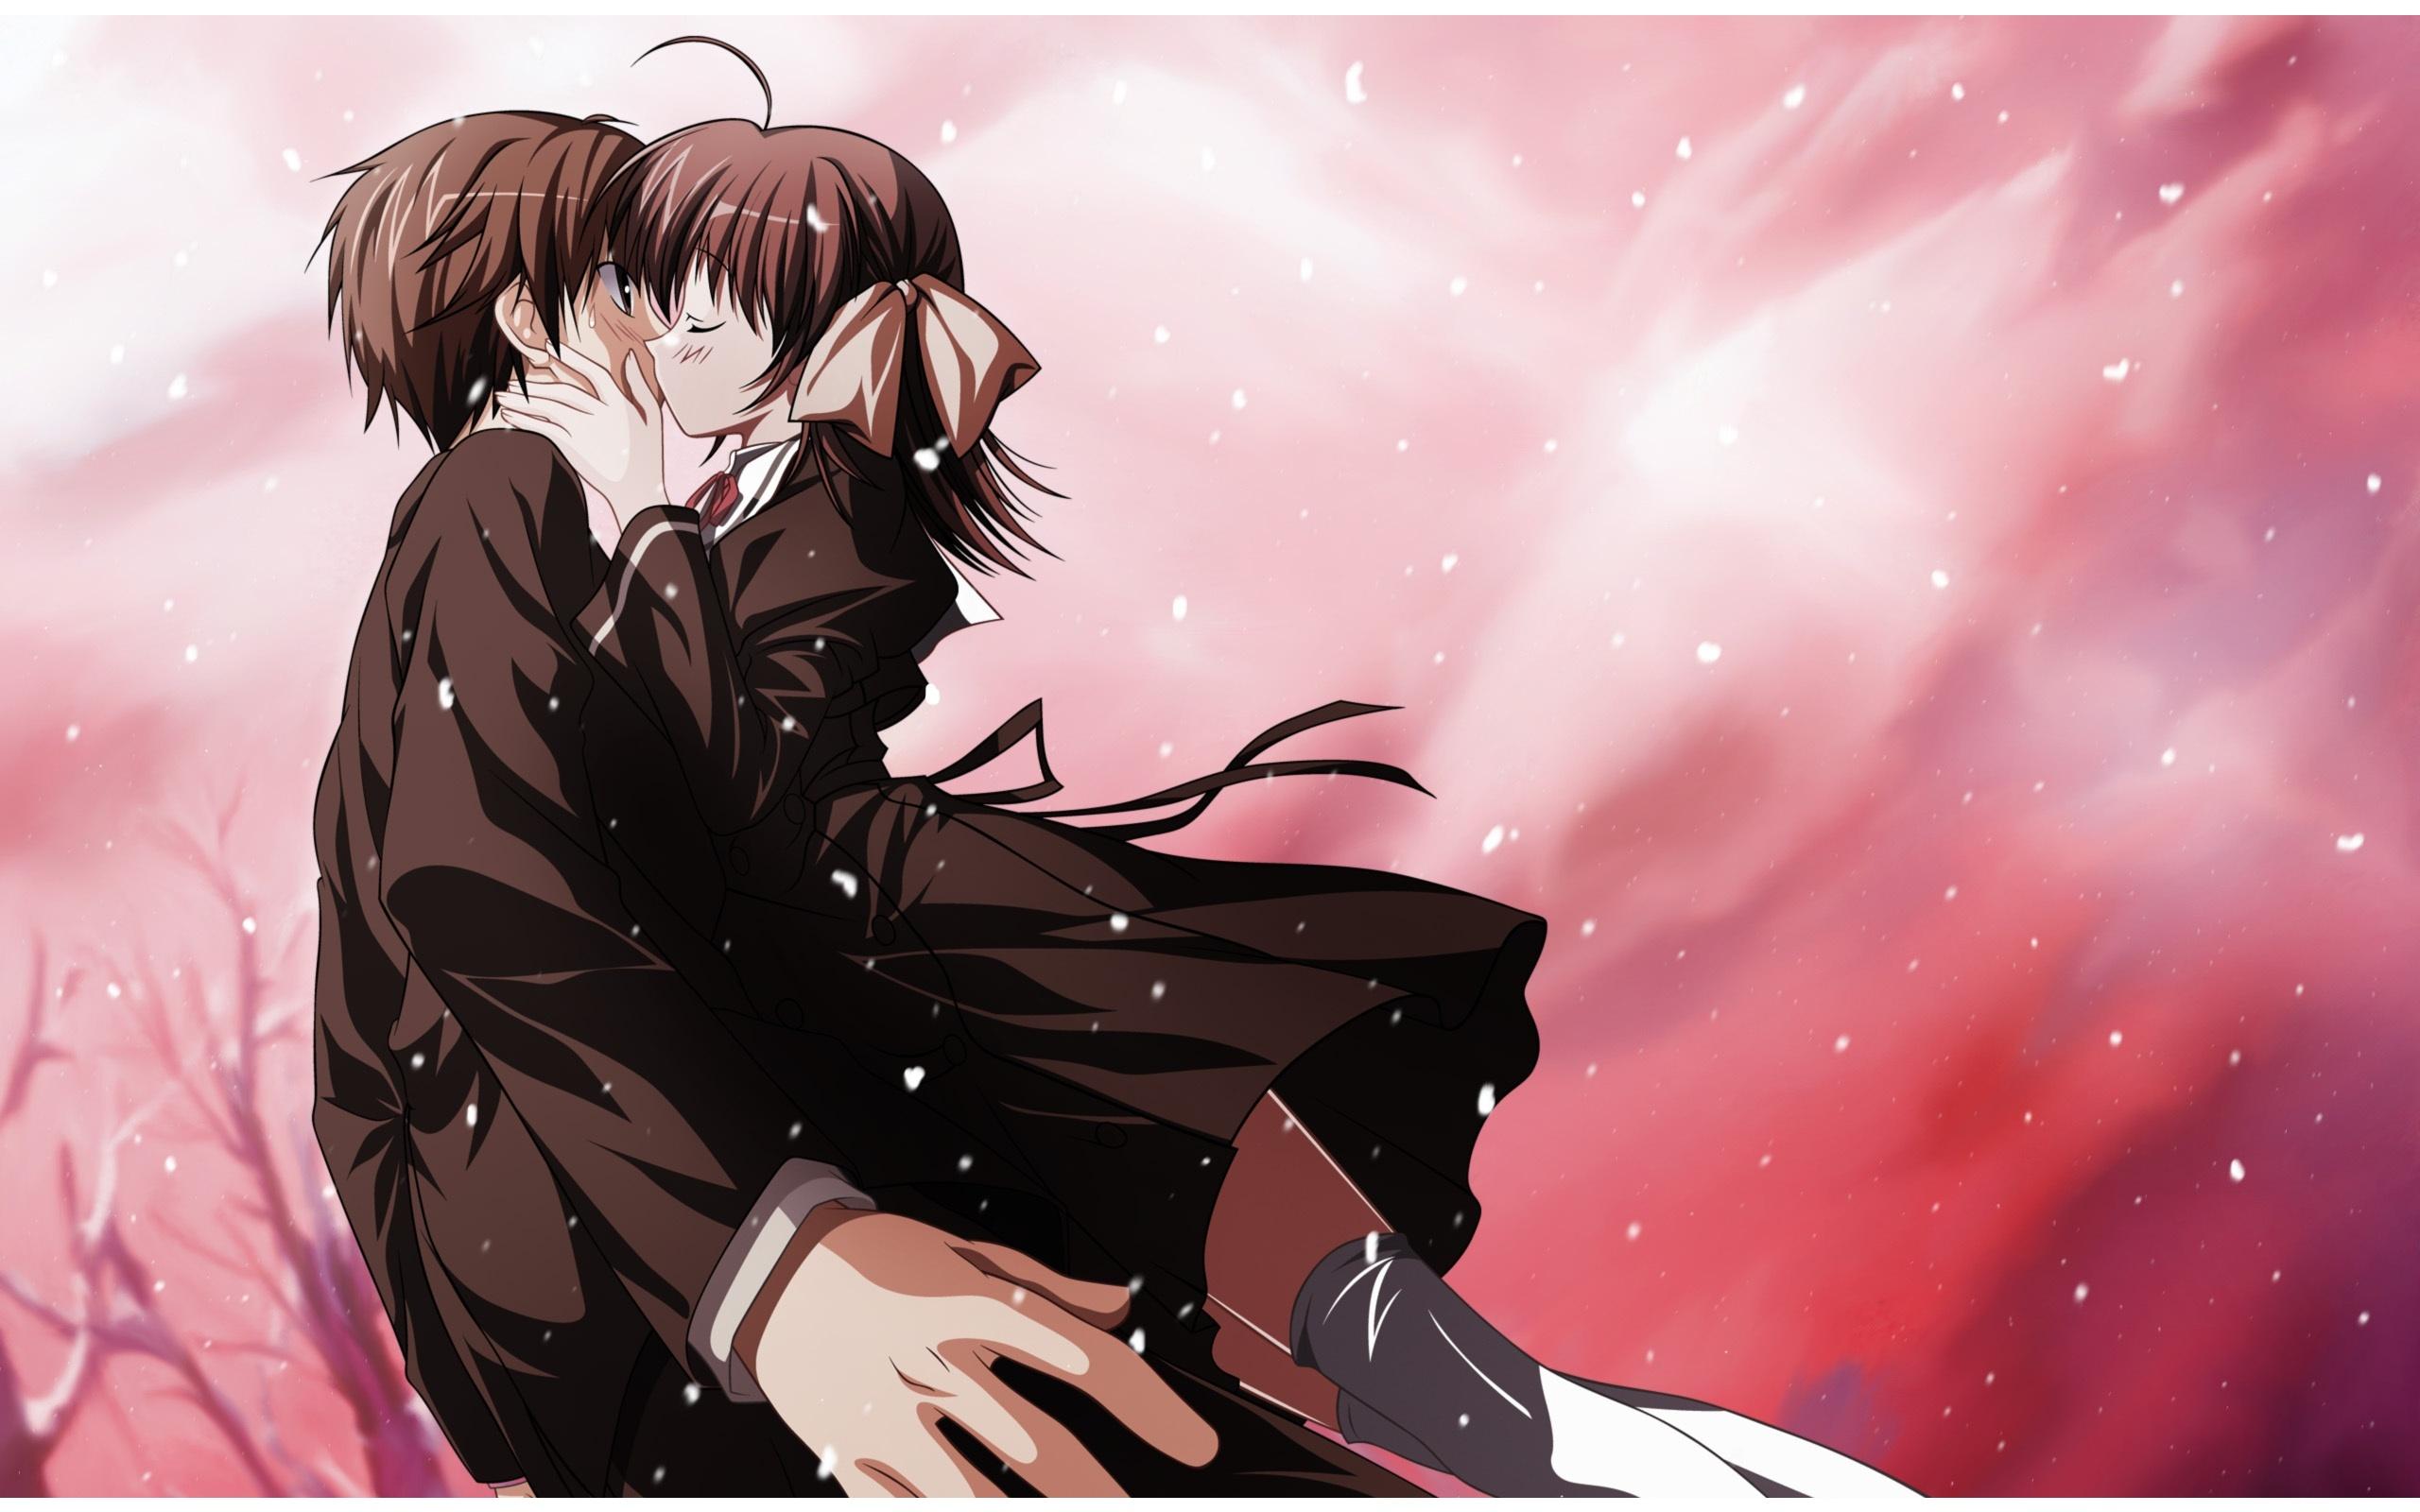 Anime Kiss Wallpapers Wallpapersafari